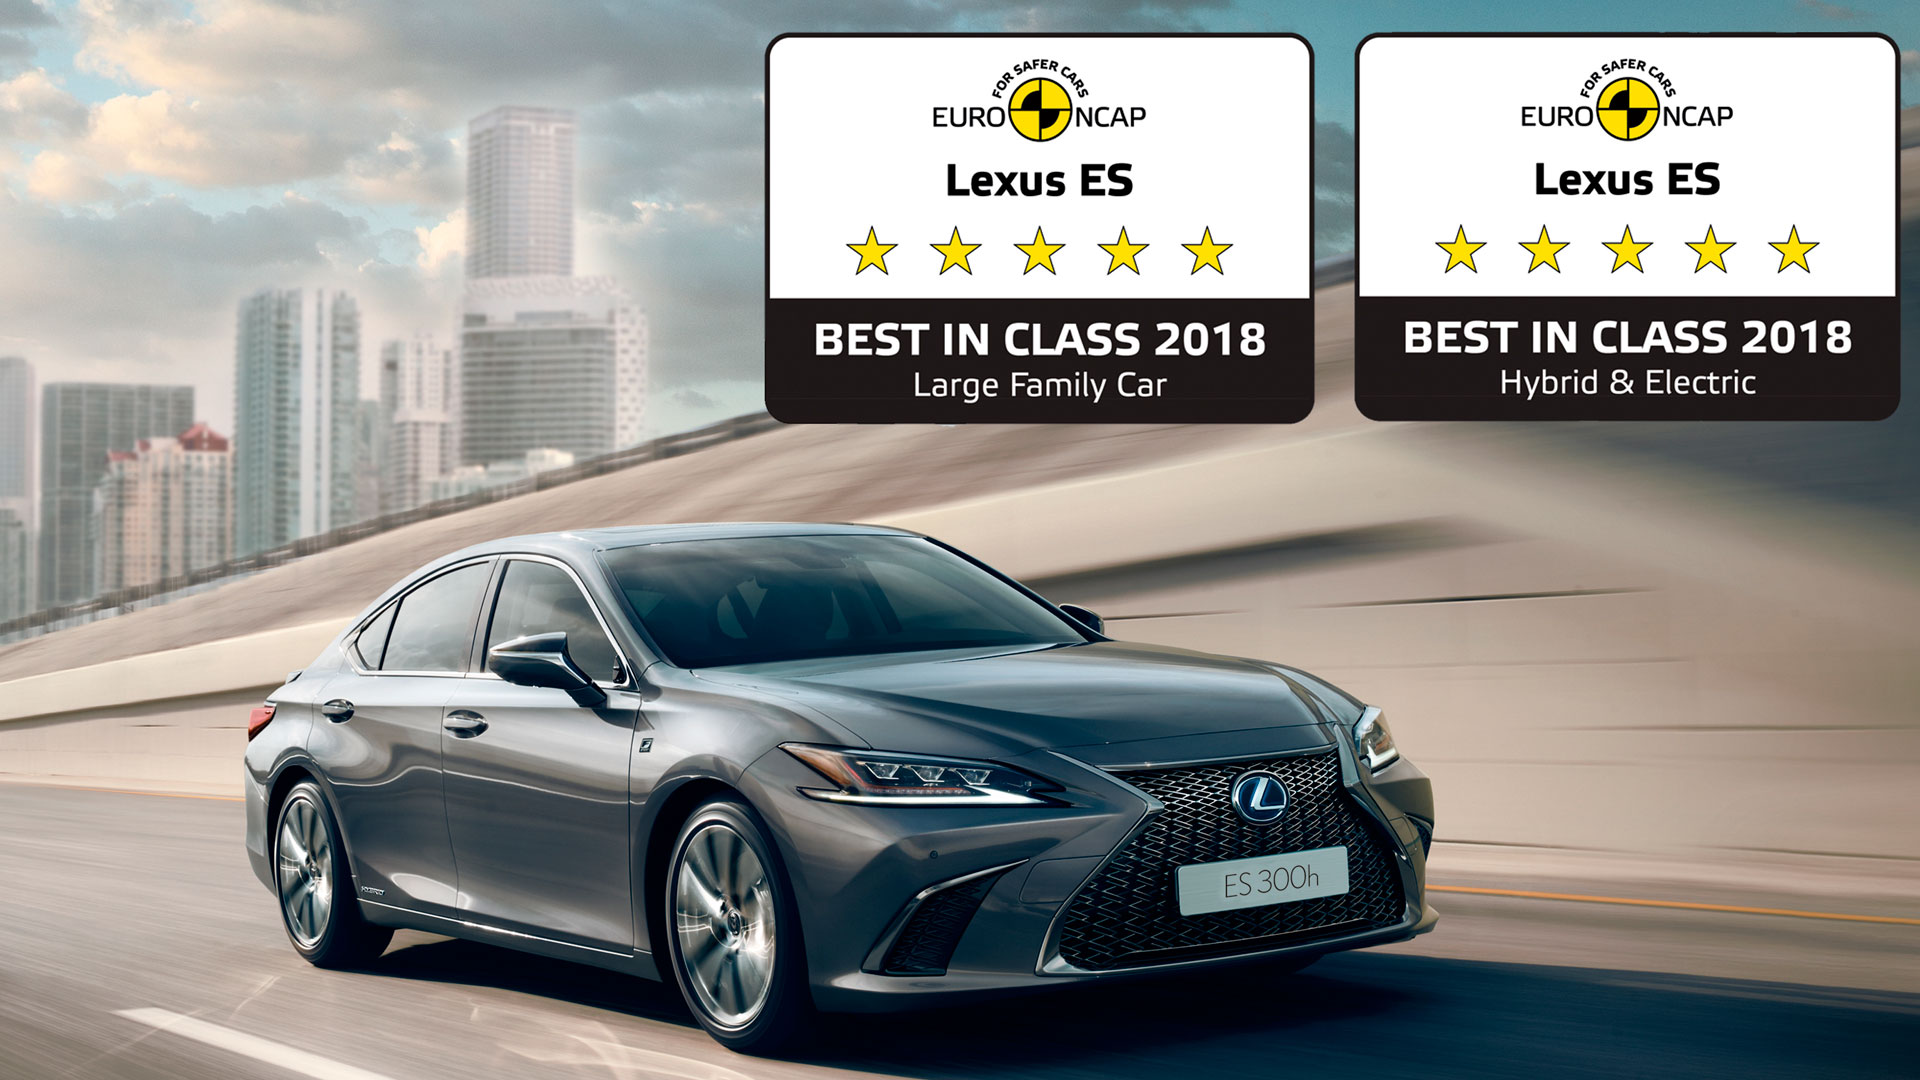 Lexus ES seguro hero asset